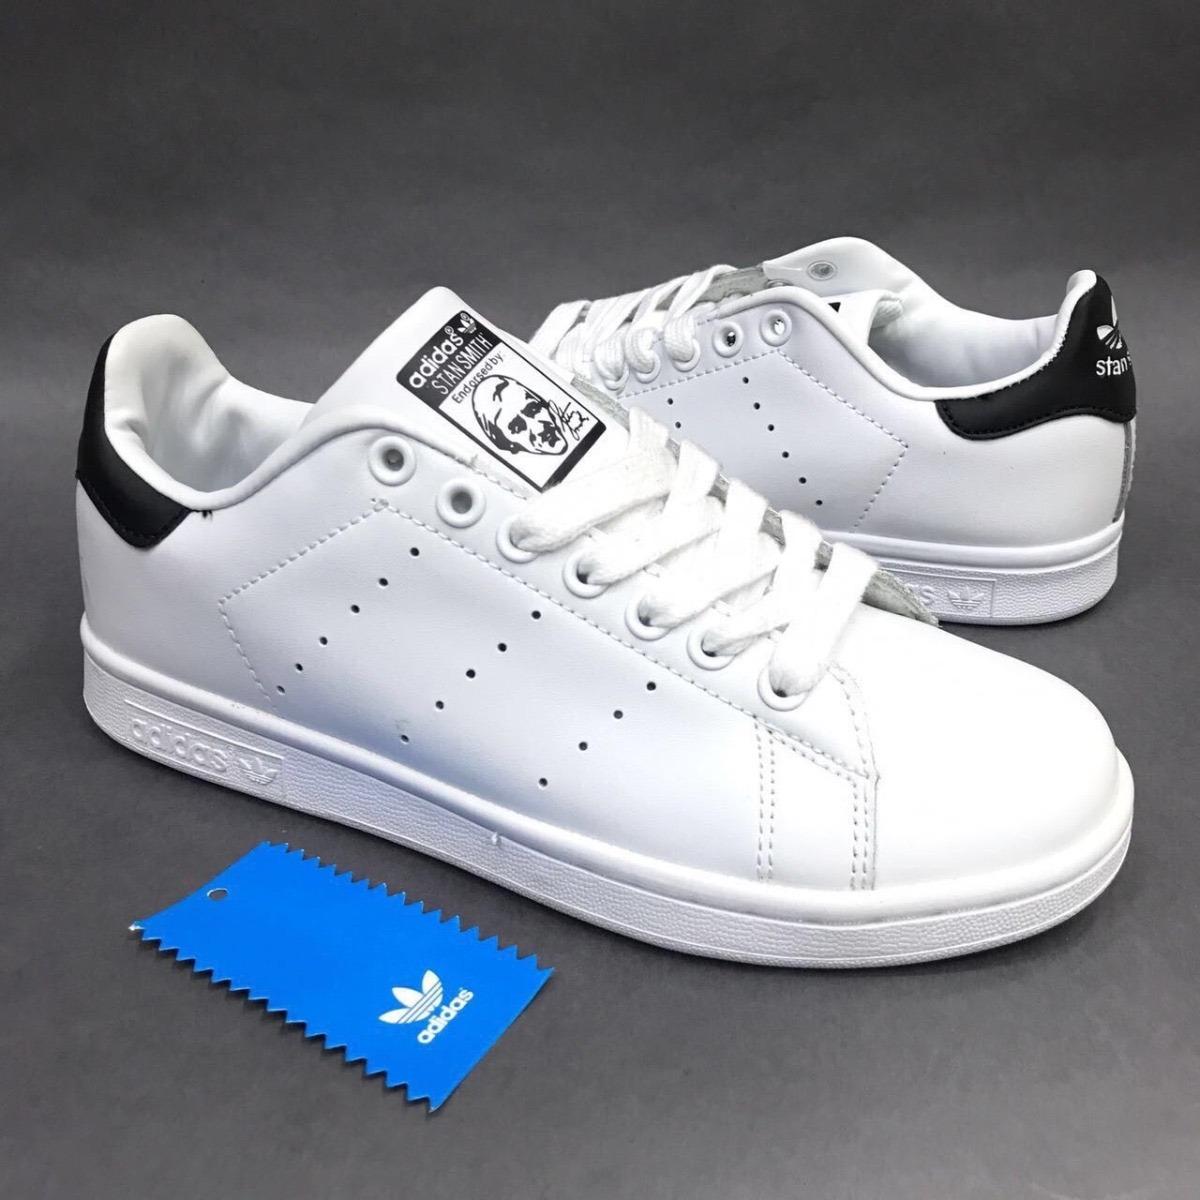 reputable site d86f0 39e3a adidas stan smith blancas y negras